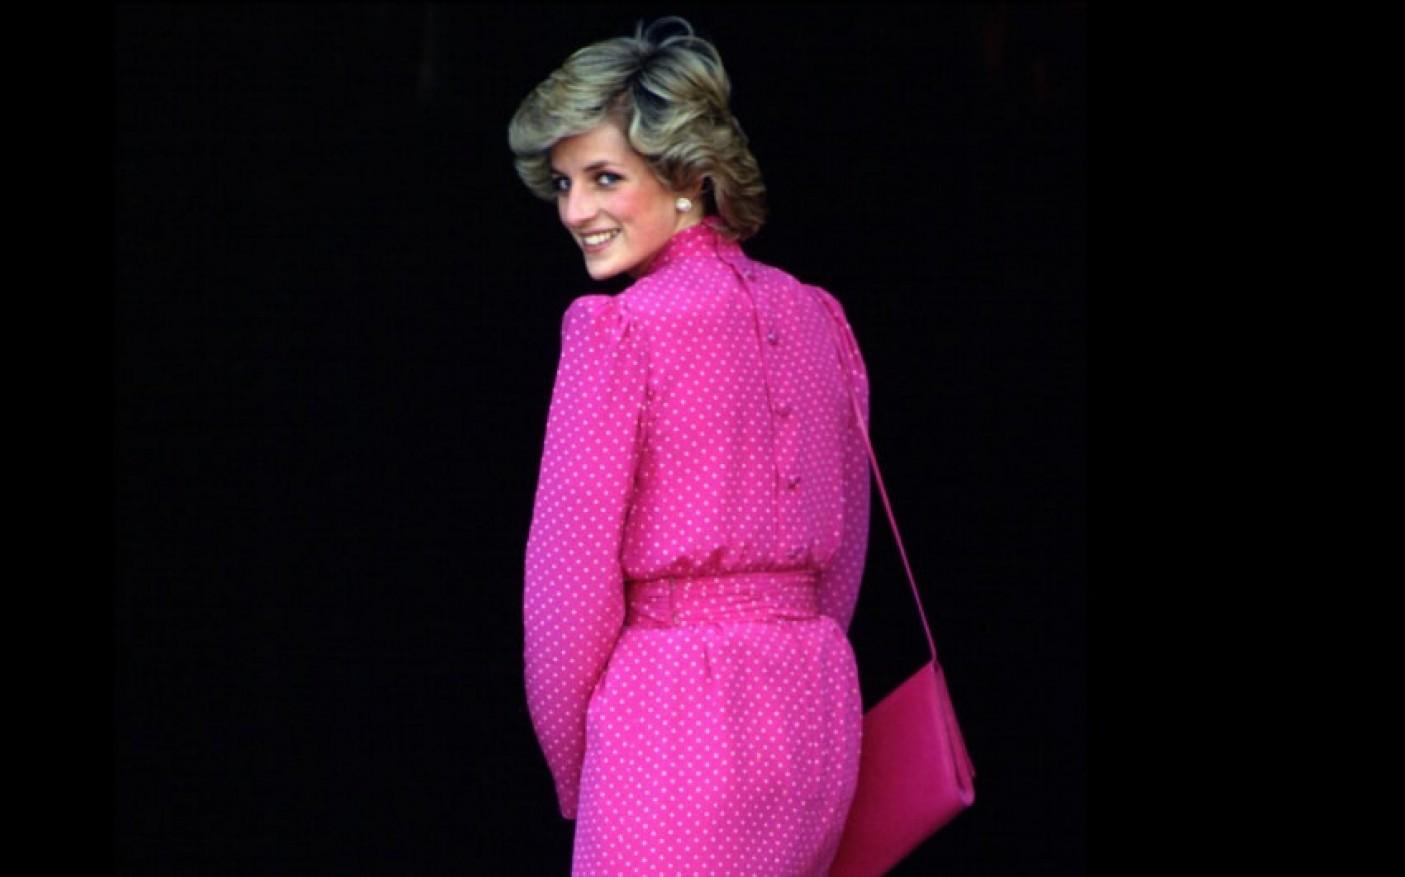 Nhan sắc và khí chất hoàn hảo của cố Công nương Diana trong những khoảnh khắc xưa-11